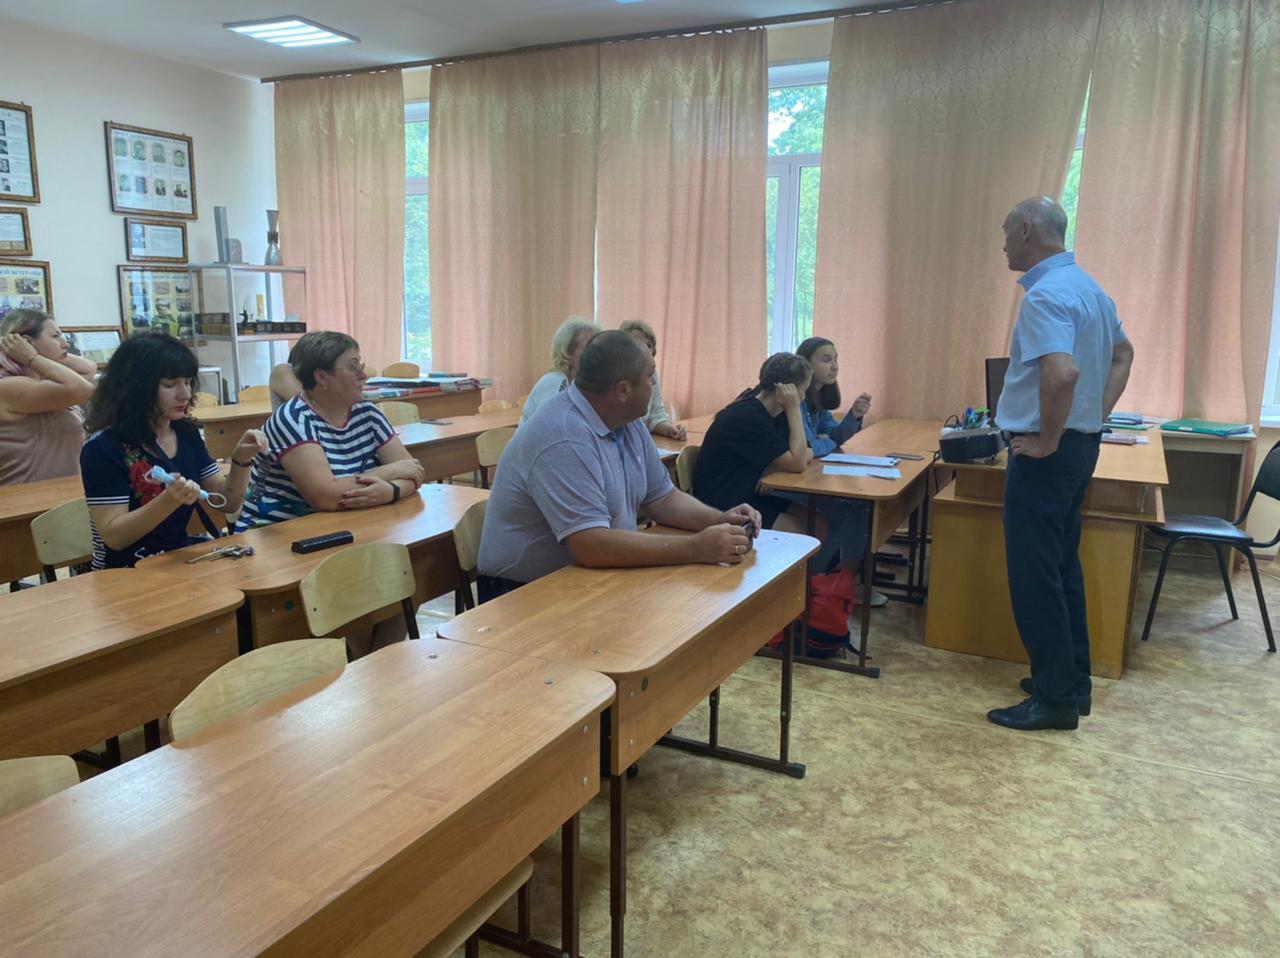 Встреча депутата Думы АГО Ледовских О. В. с педагогами образовательного учреждения